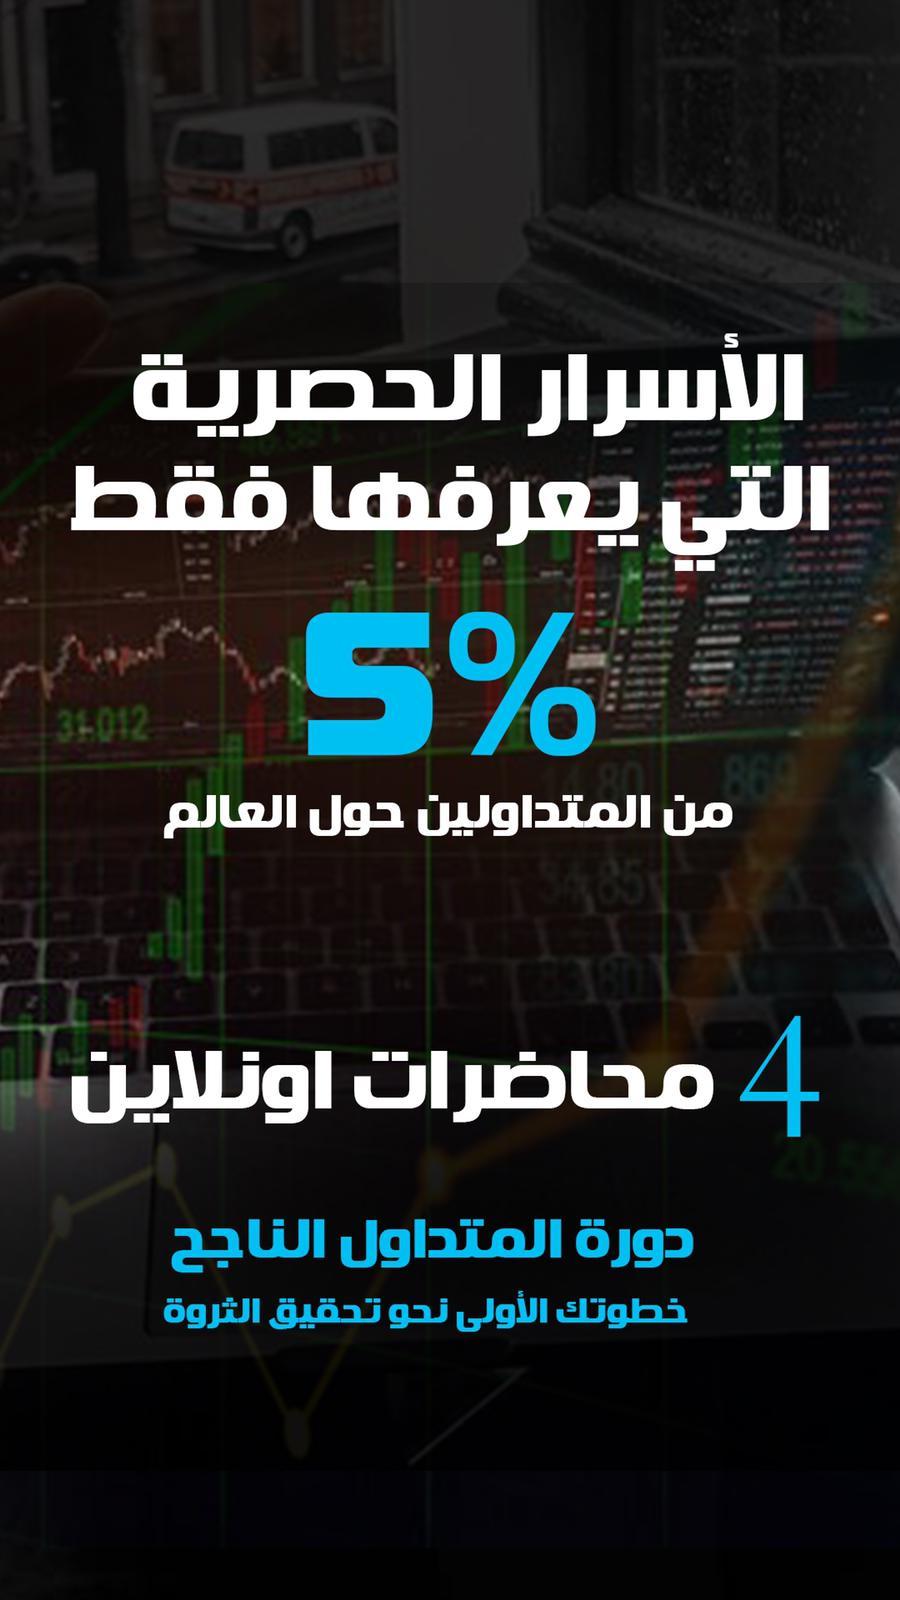 الأكاديمية العربية لتعليم التداول Daddy p_210051xqt2.jpeg